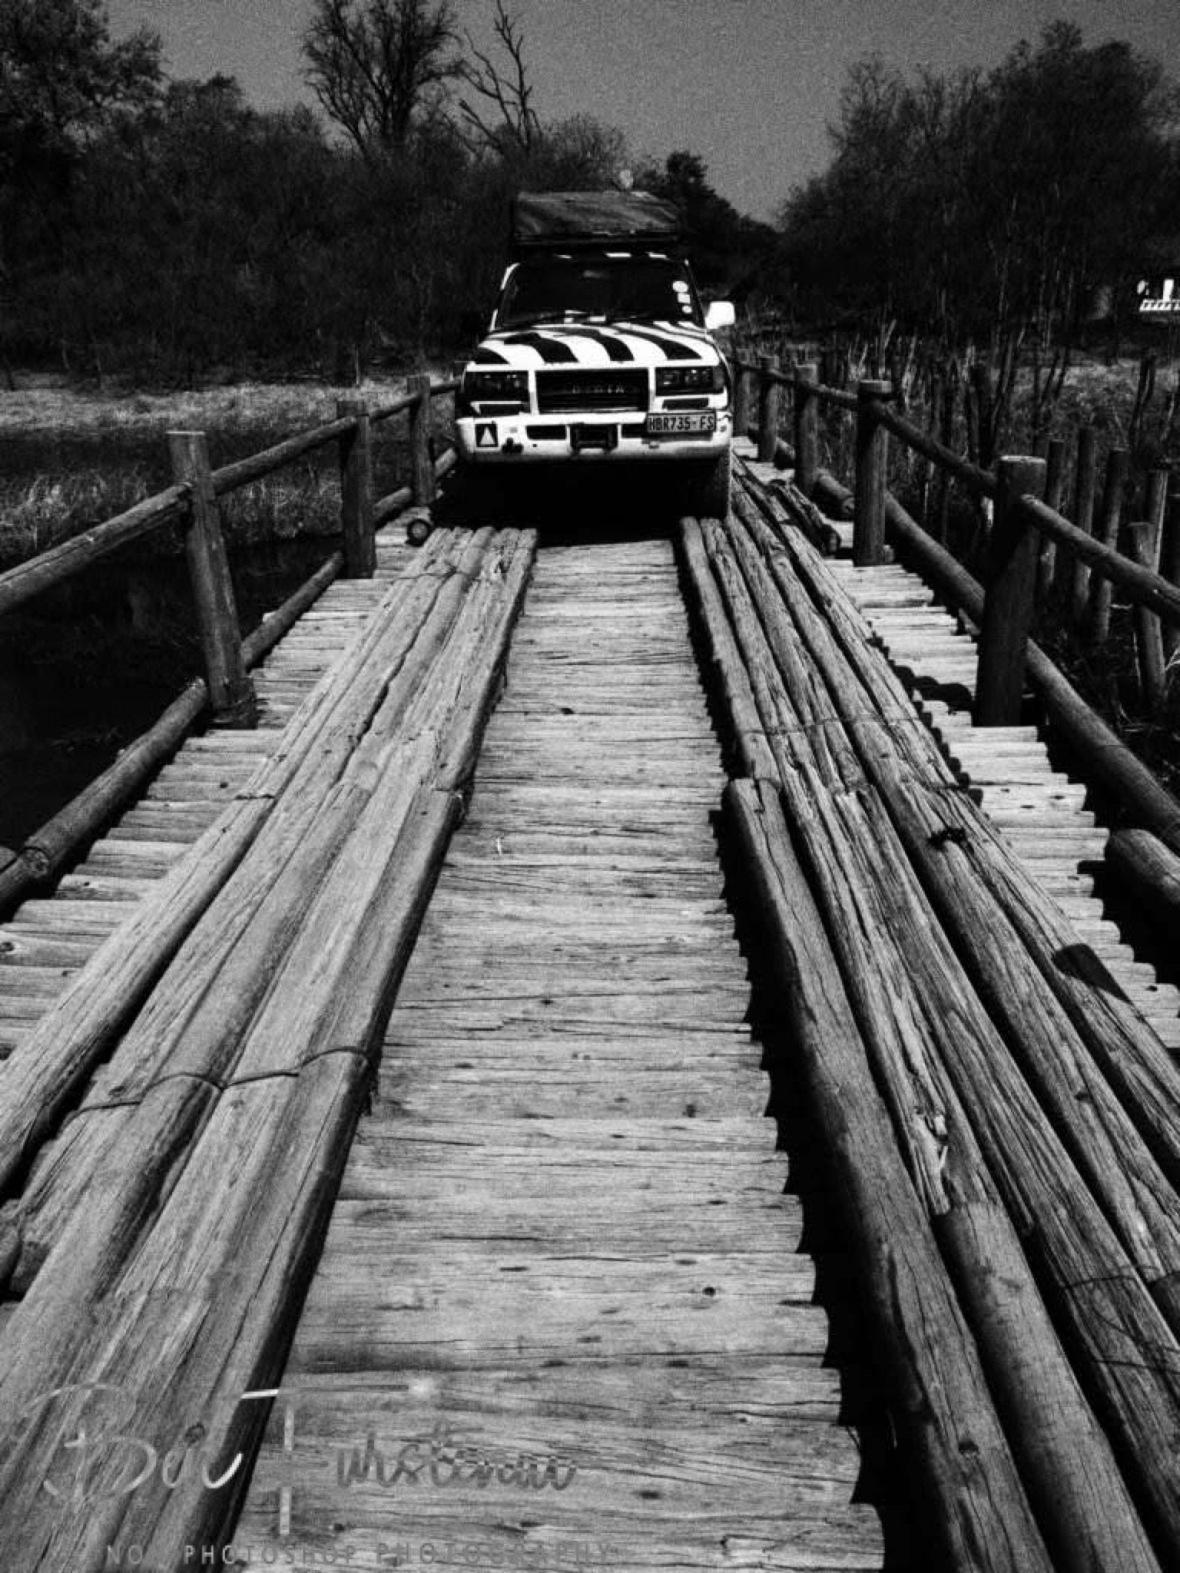 Typical bridge in Okavango Delta, Kwai Region, Botswana